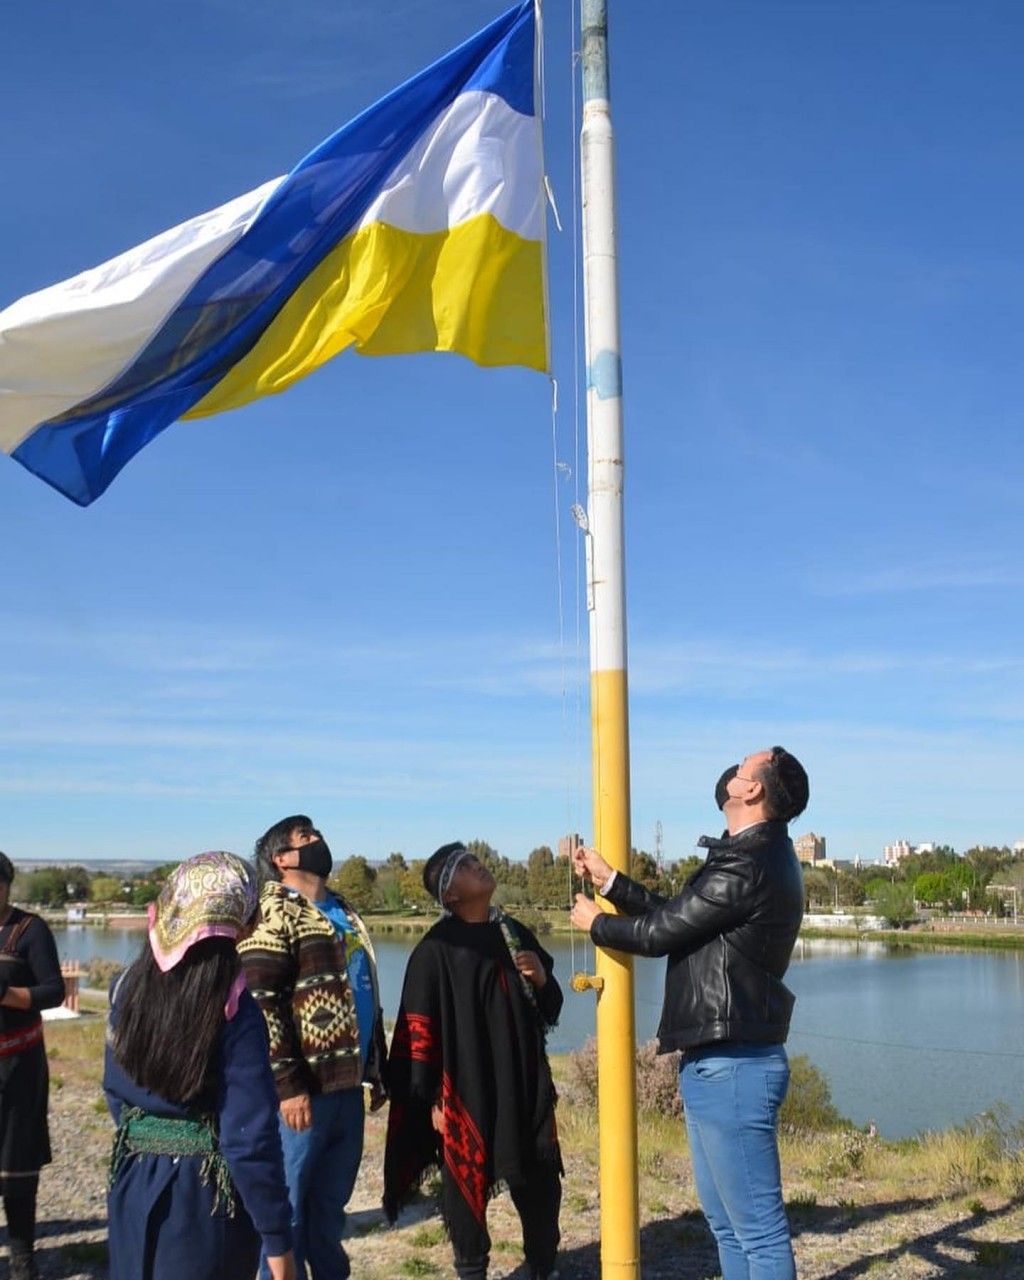 Chubut: El intendente de Trelew se sumó al izamiento de bandera tehuelche en los actos del 12 de Octubre.